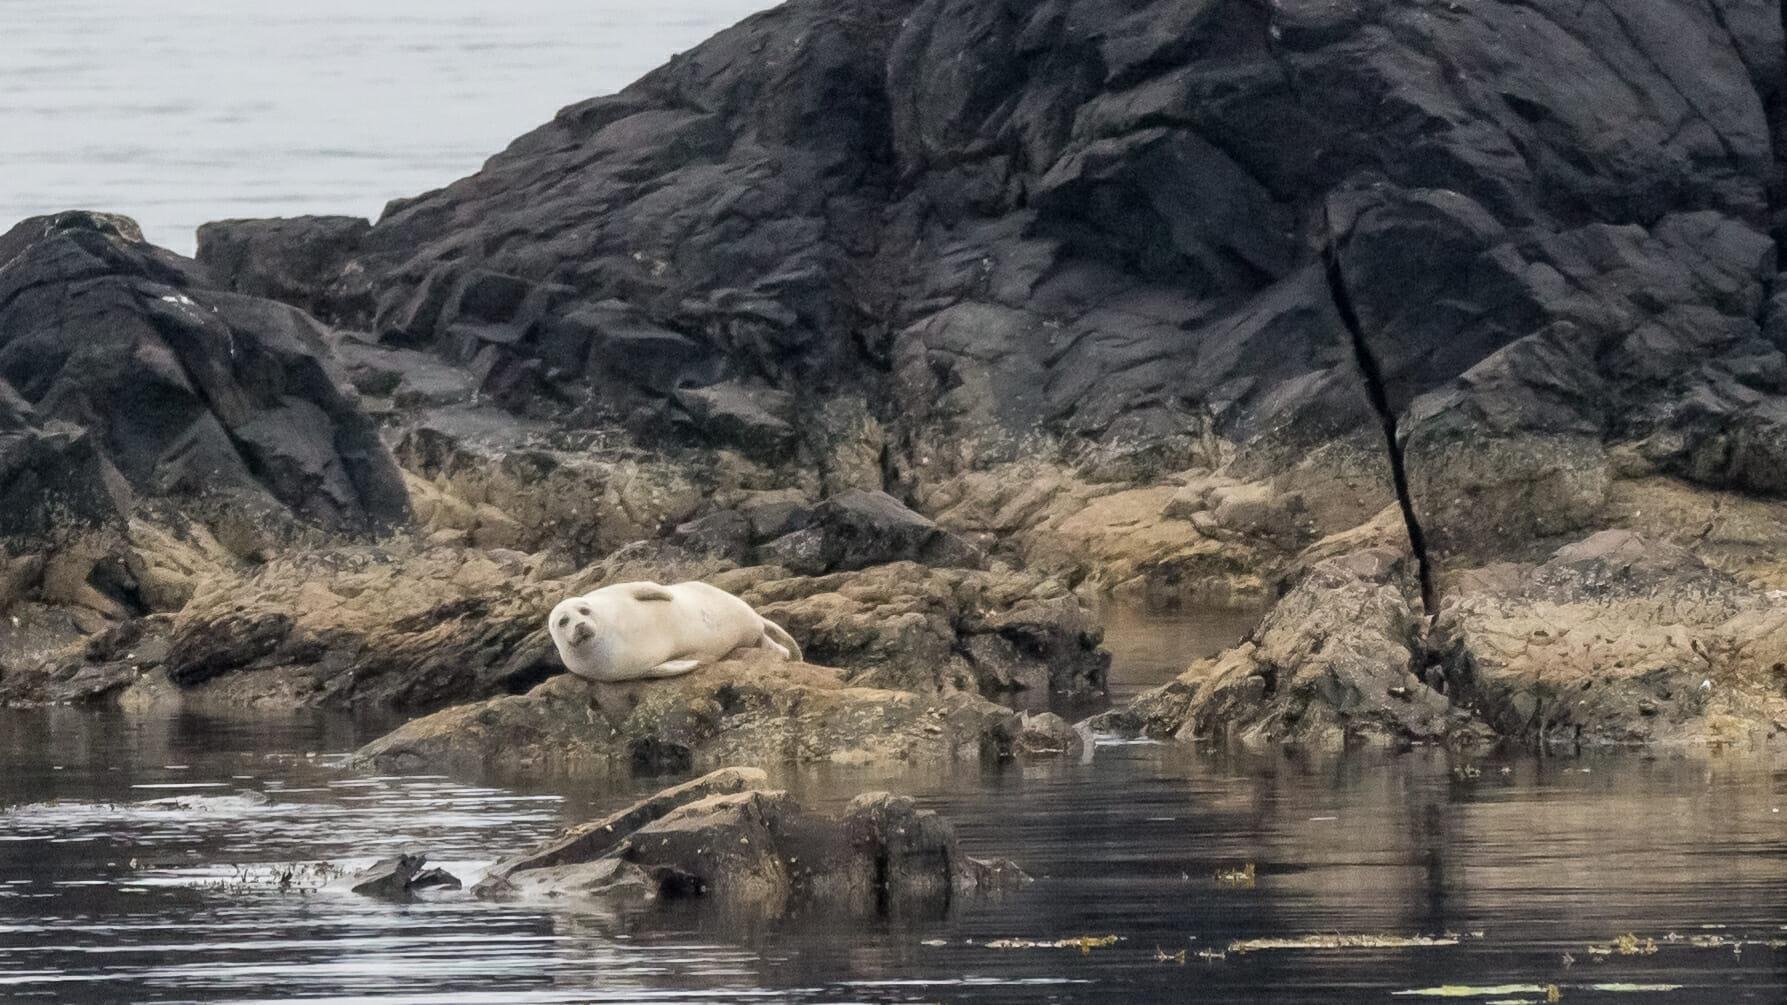 Seehund in der Bucht